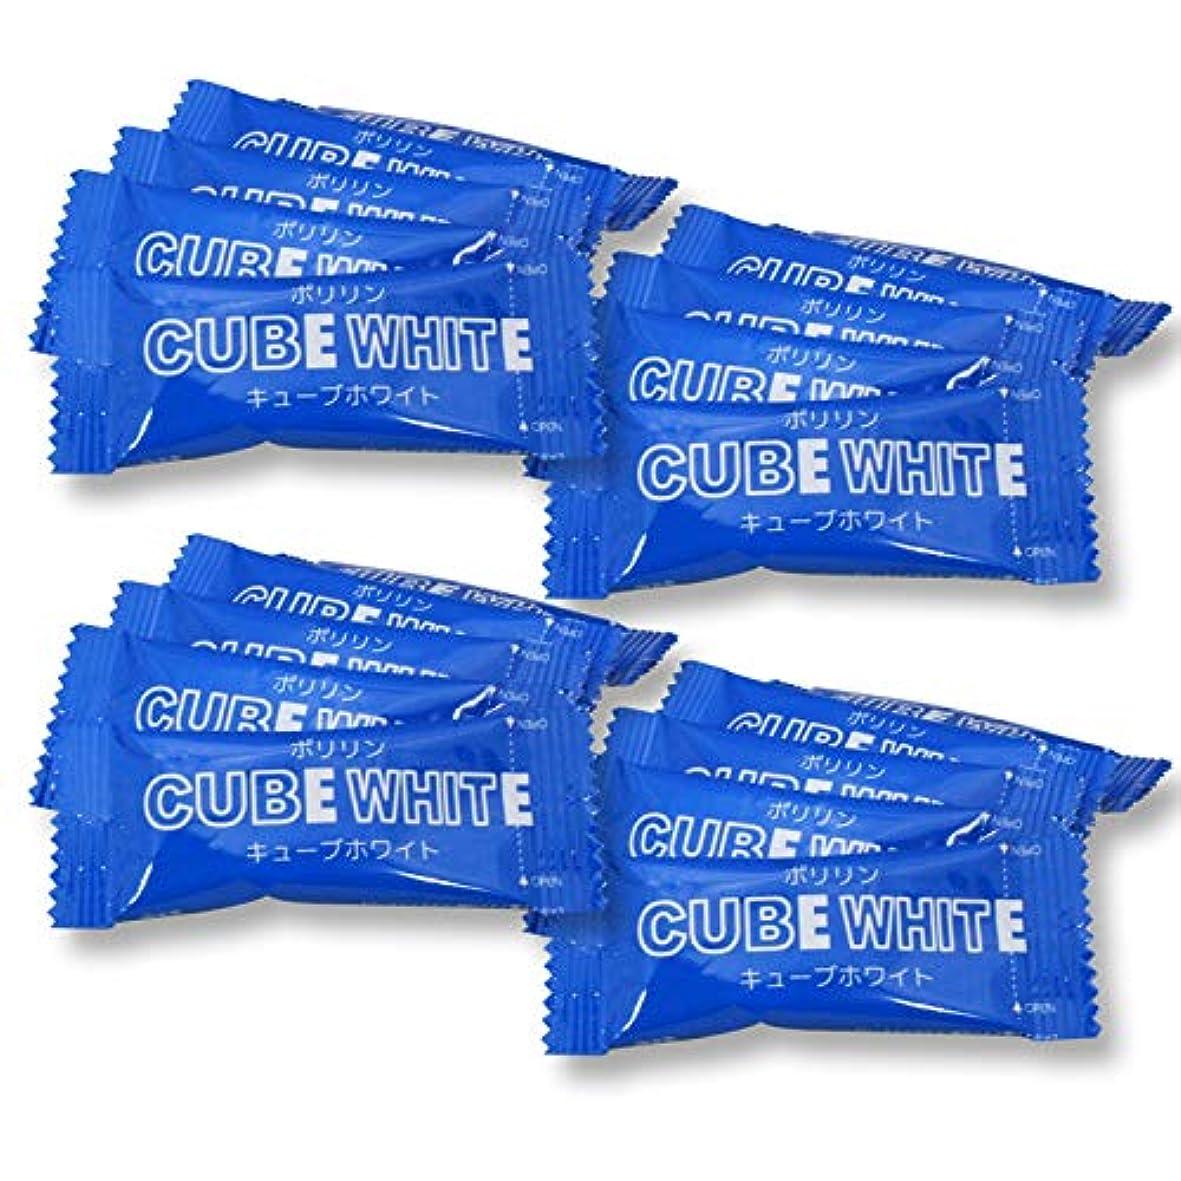 機関削減睡眠リジェンティス キューブホワイト 【20袋入】 歯面専用 スポンジ 歯 ブラシ 付き ホワイトニング 歯磨き